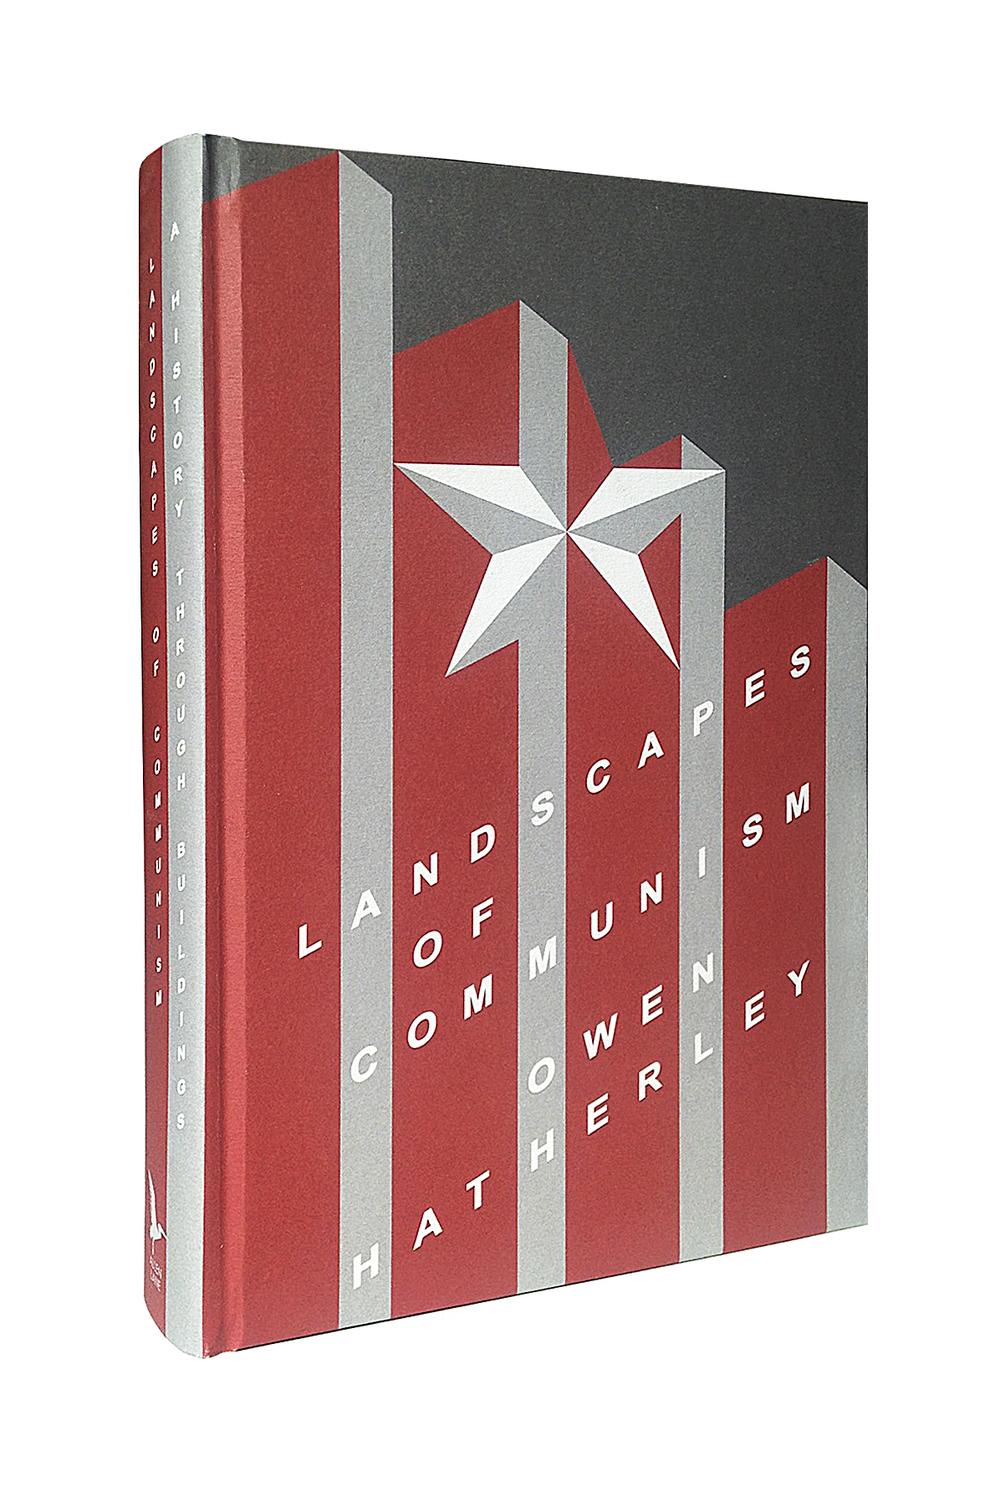 Landscapes of Communism by Owen Hatherley - Art Direction: Jim Stoddart Design: Fuel